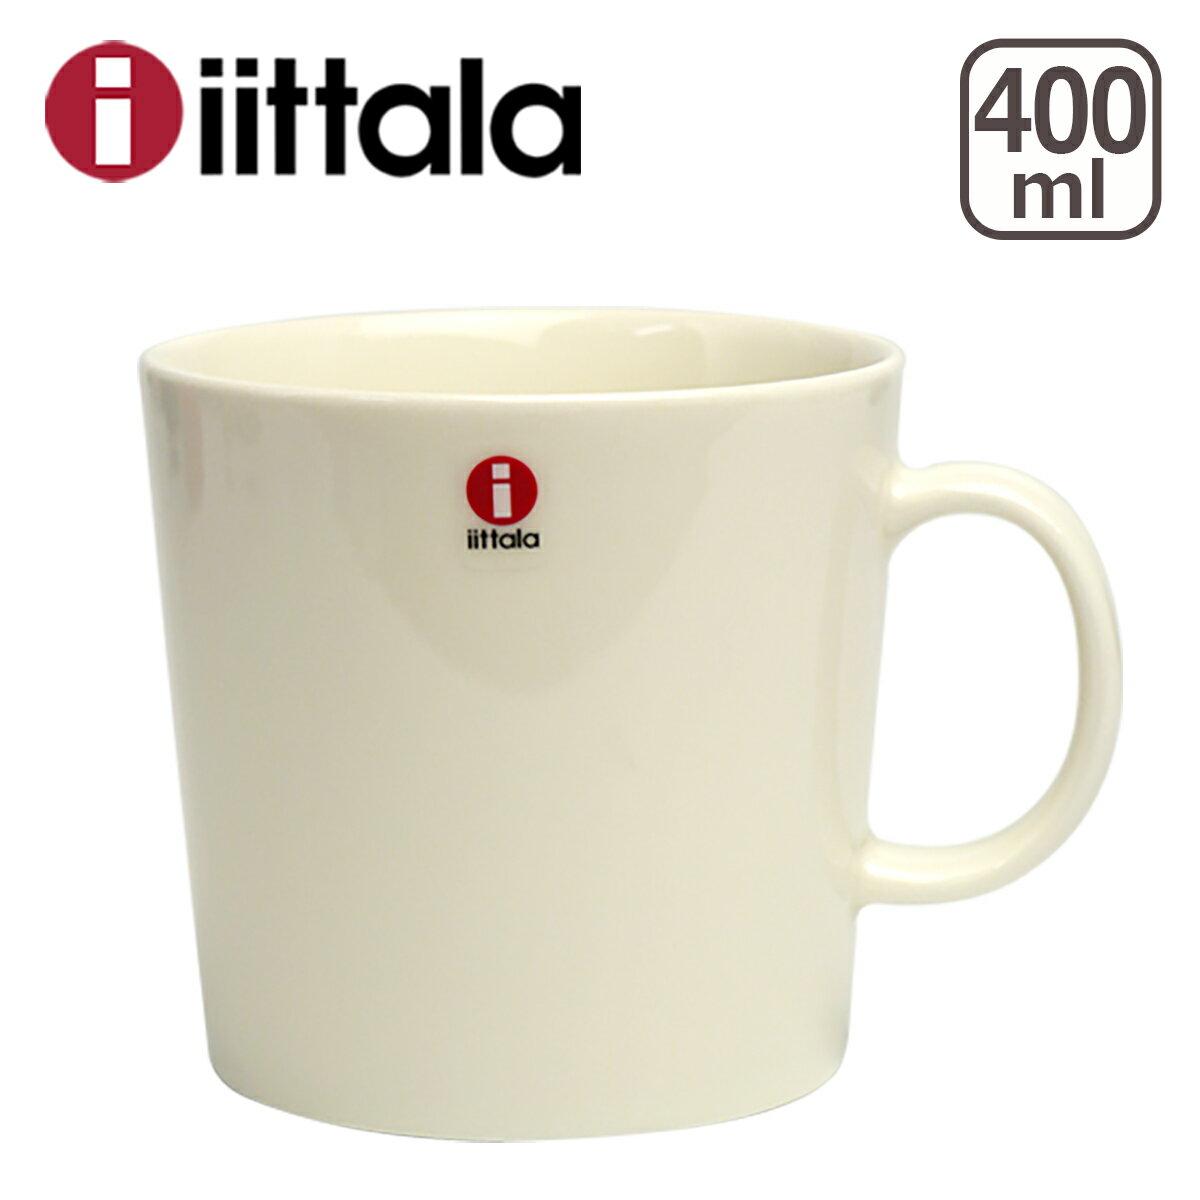 iittala イッタラ TEEMA(ティーマ) マグカップ 400ml マイカップ WHITE 食器 箱購入でギフト・のし可 GF1